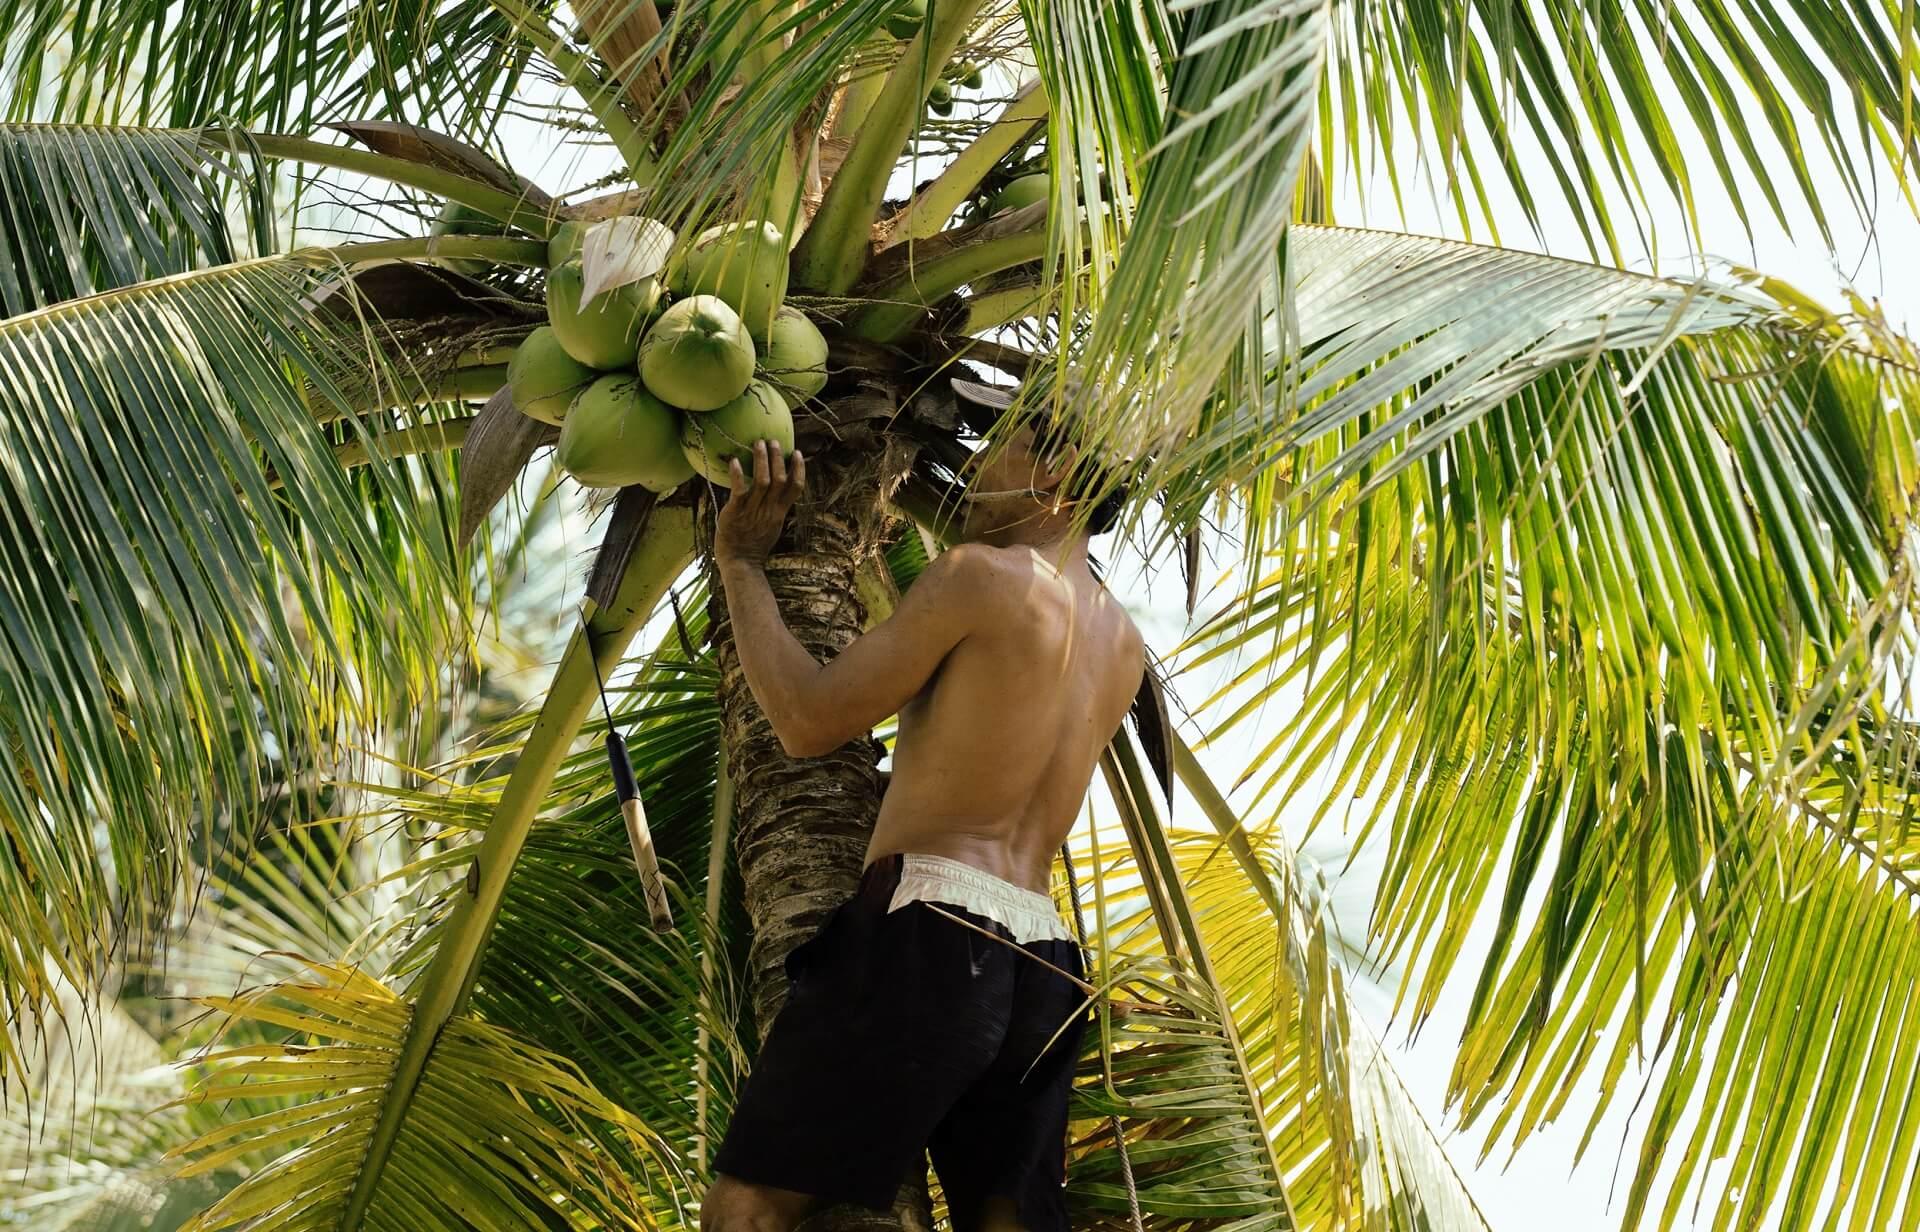 Die Kokusnusskletterer sorgen für die Kokusnussernte